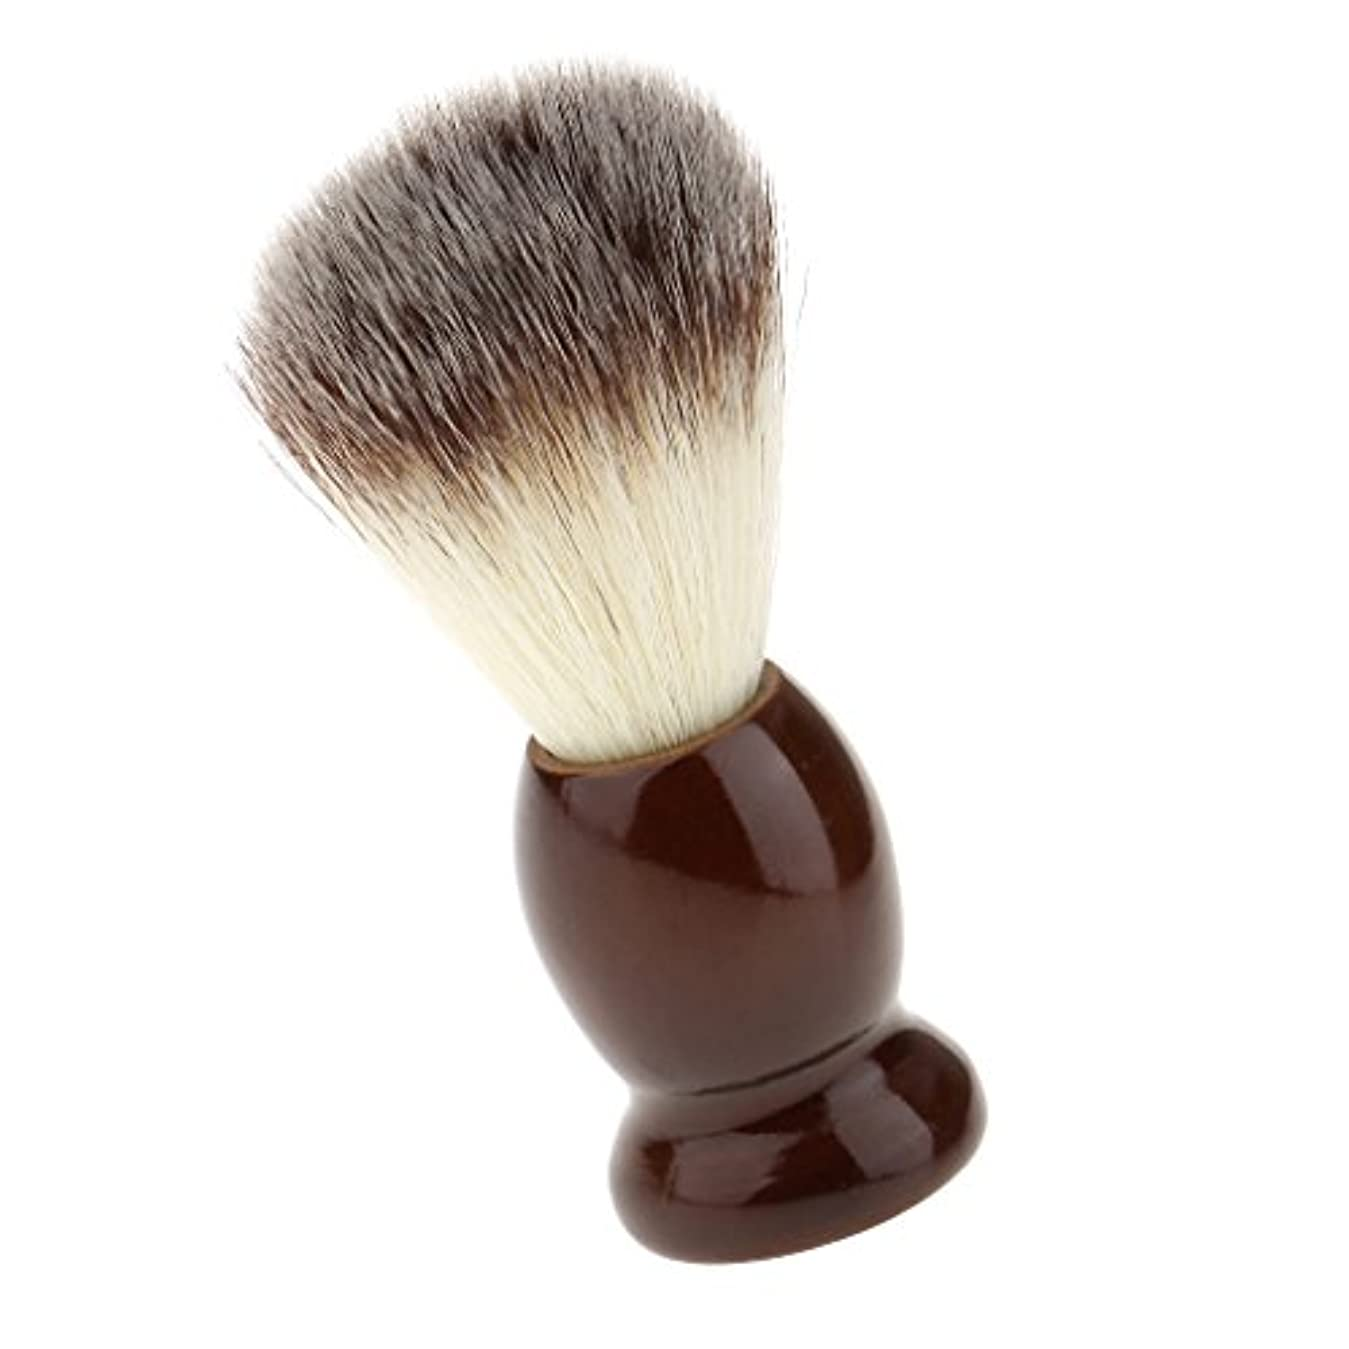 アライメント単なる雨のSONONIA ナイロン製 シェービングブラシ サロン 柔らかい 髭剃り 洗顔 理容   便携 10.5cm  ブラウン